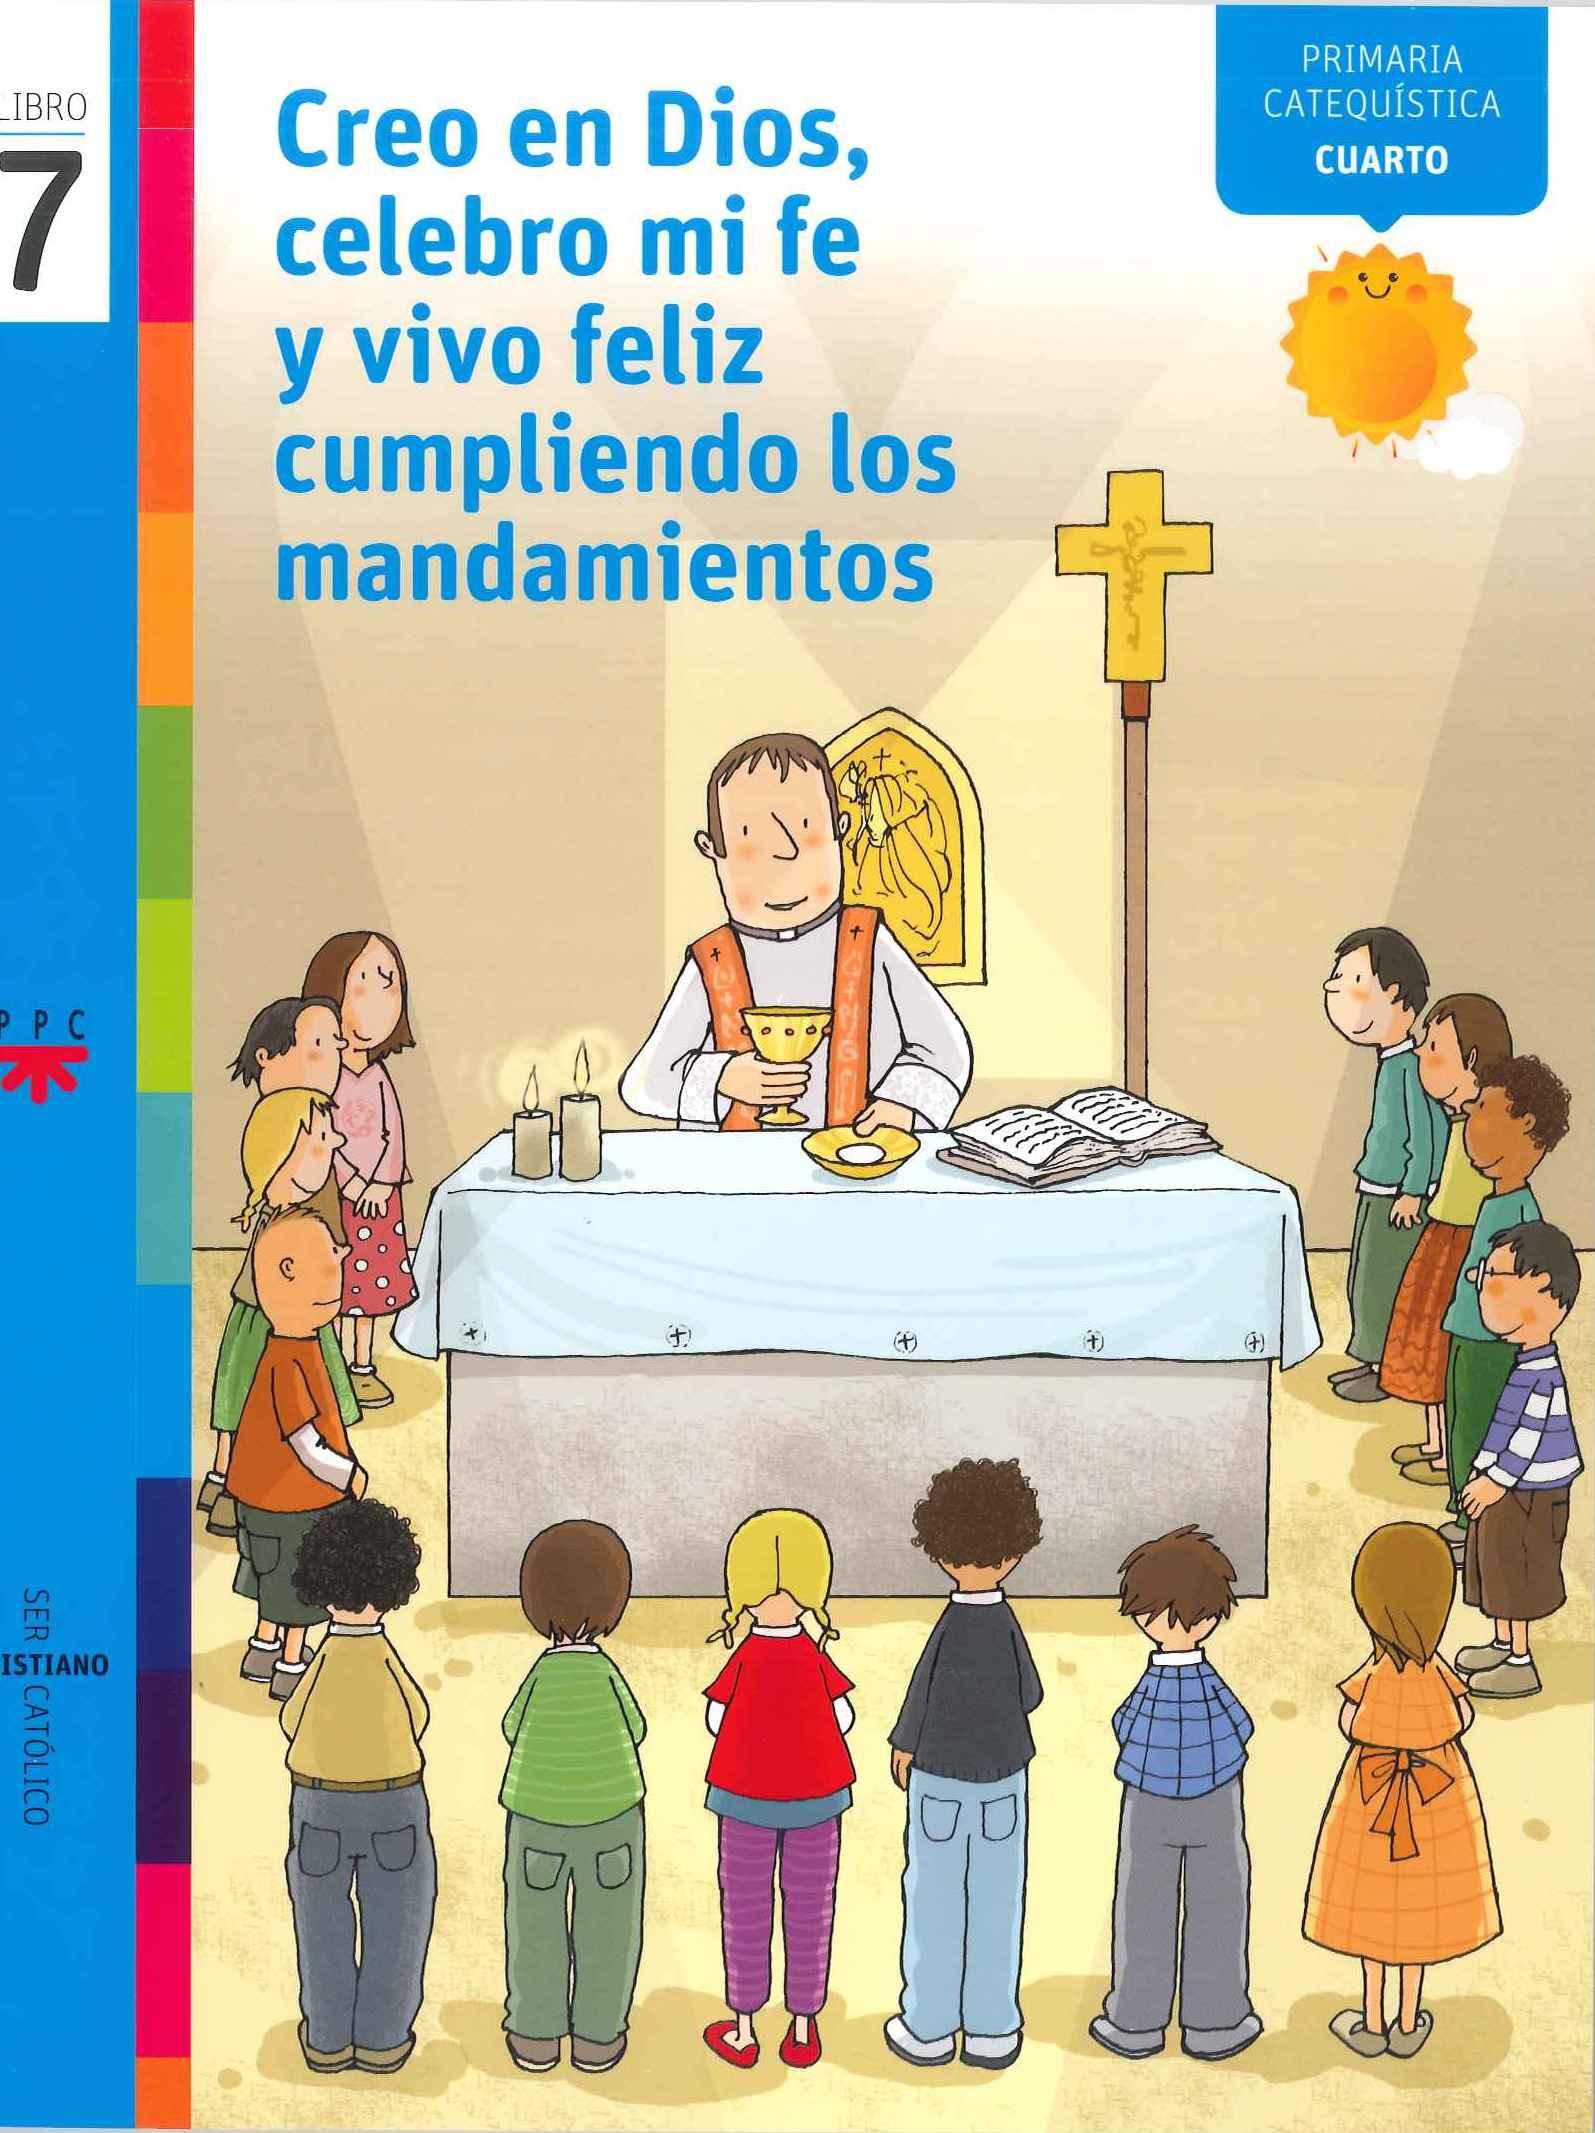 Creo en Dios, celebro mi fe y vivo feliz, 7. Ser cristiano católico